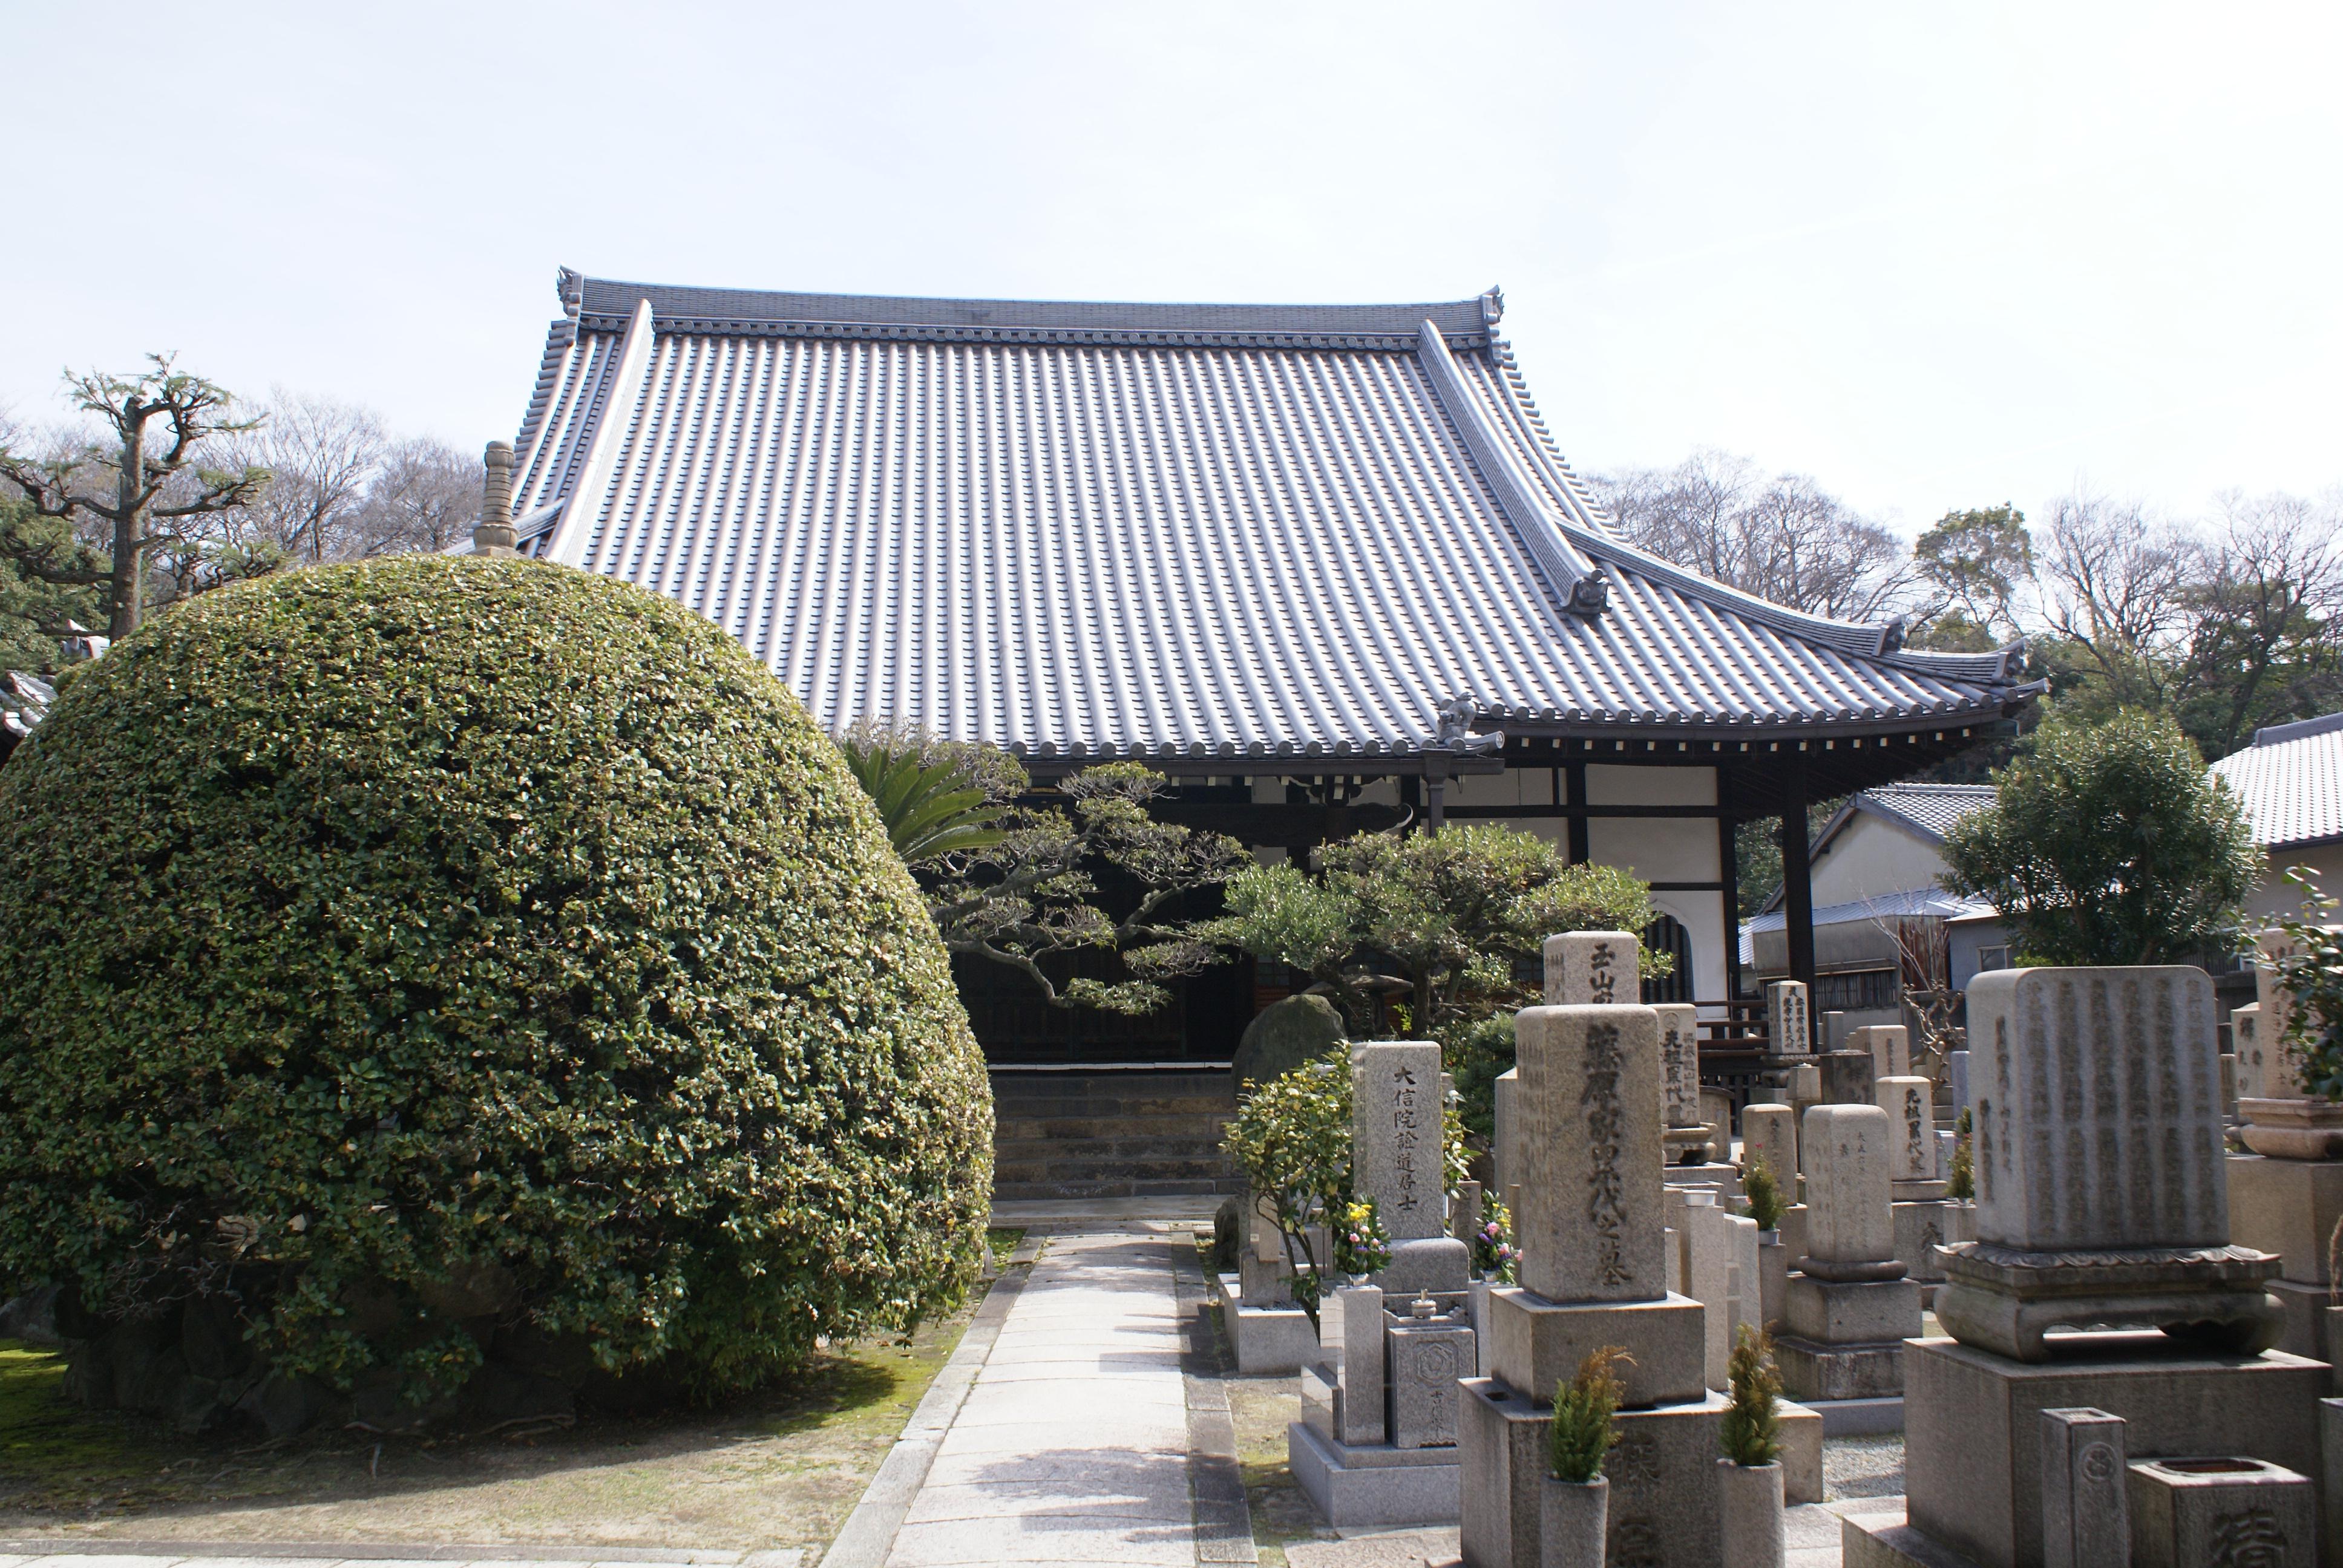 <p>本堂正面</p>入母屋造本瓦葺の屋根と、正面の一間向拝が見える。